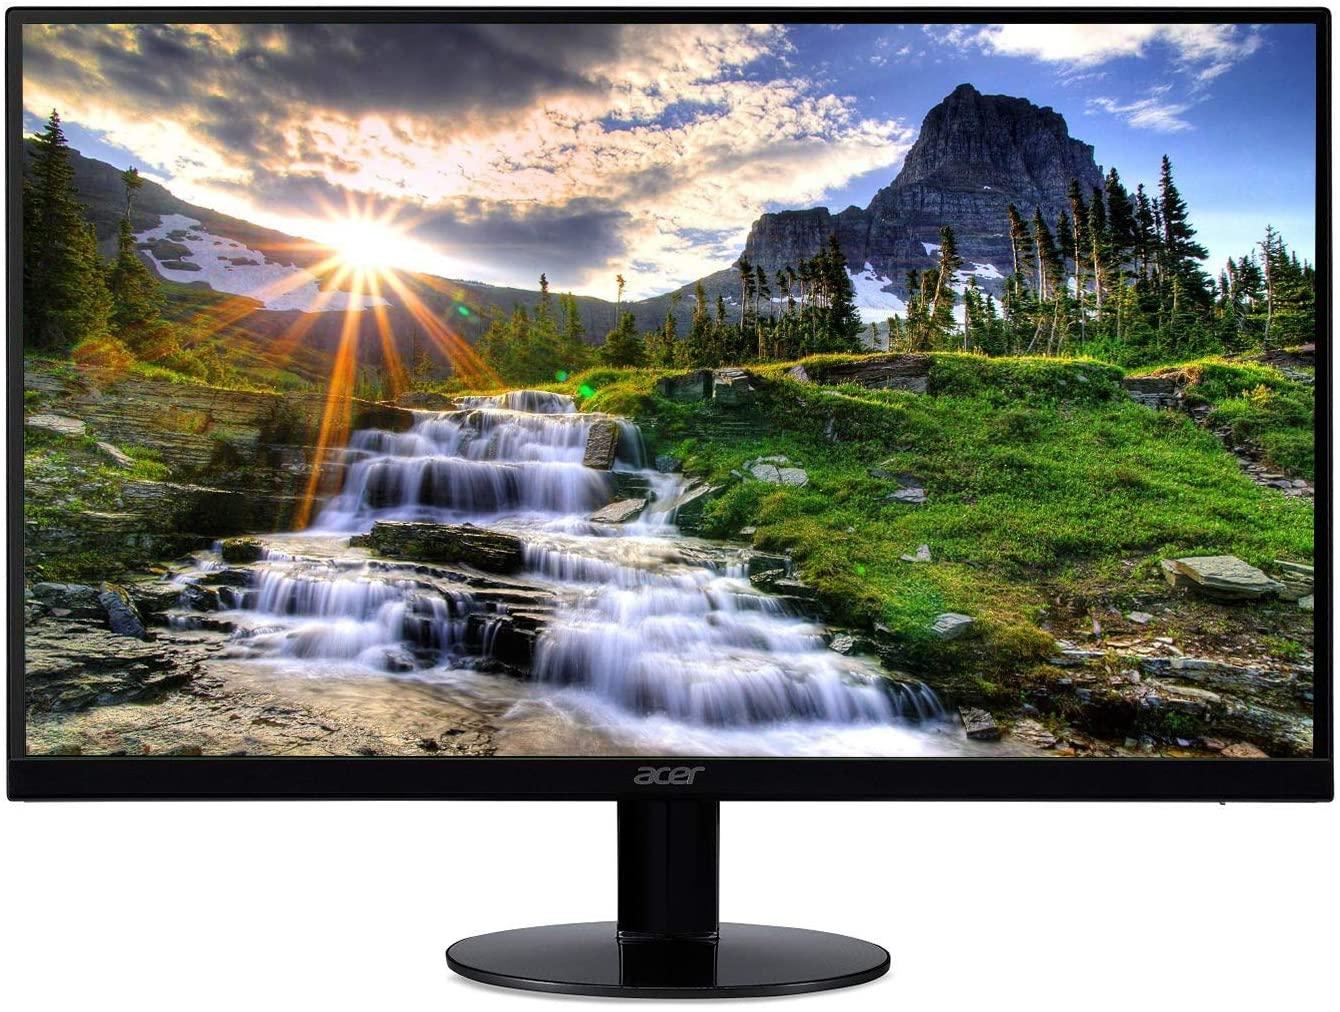 Monitor Acer SB220Q Series con tecnología AMD Radeon Freesync - Puertos HDMI y VGA, FHD, 75Hz